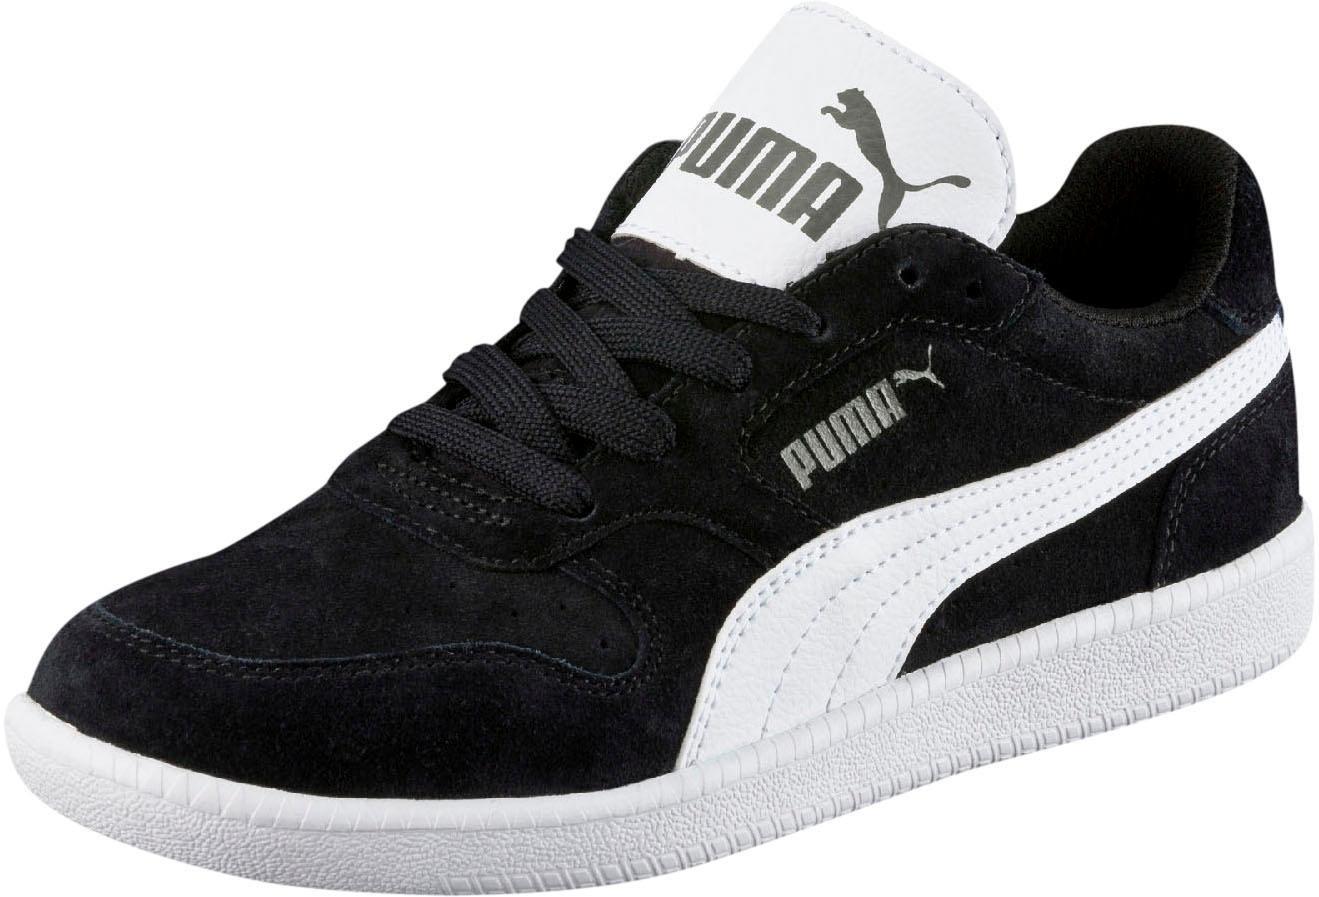 PUMA Sneakers Icra Trainer SD Jr voordelig en veilig online kopen